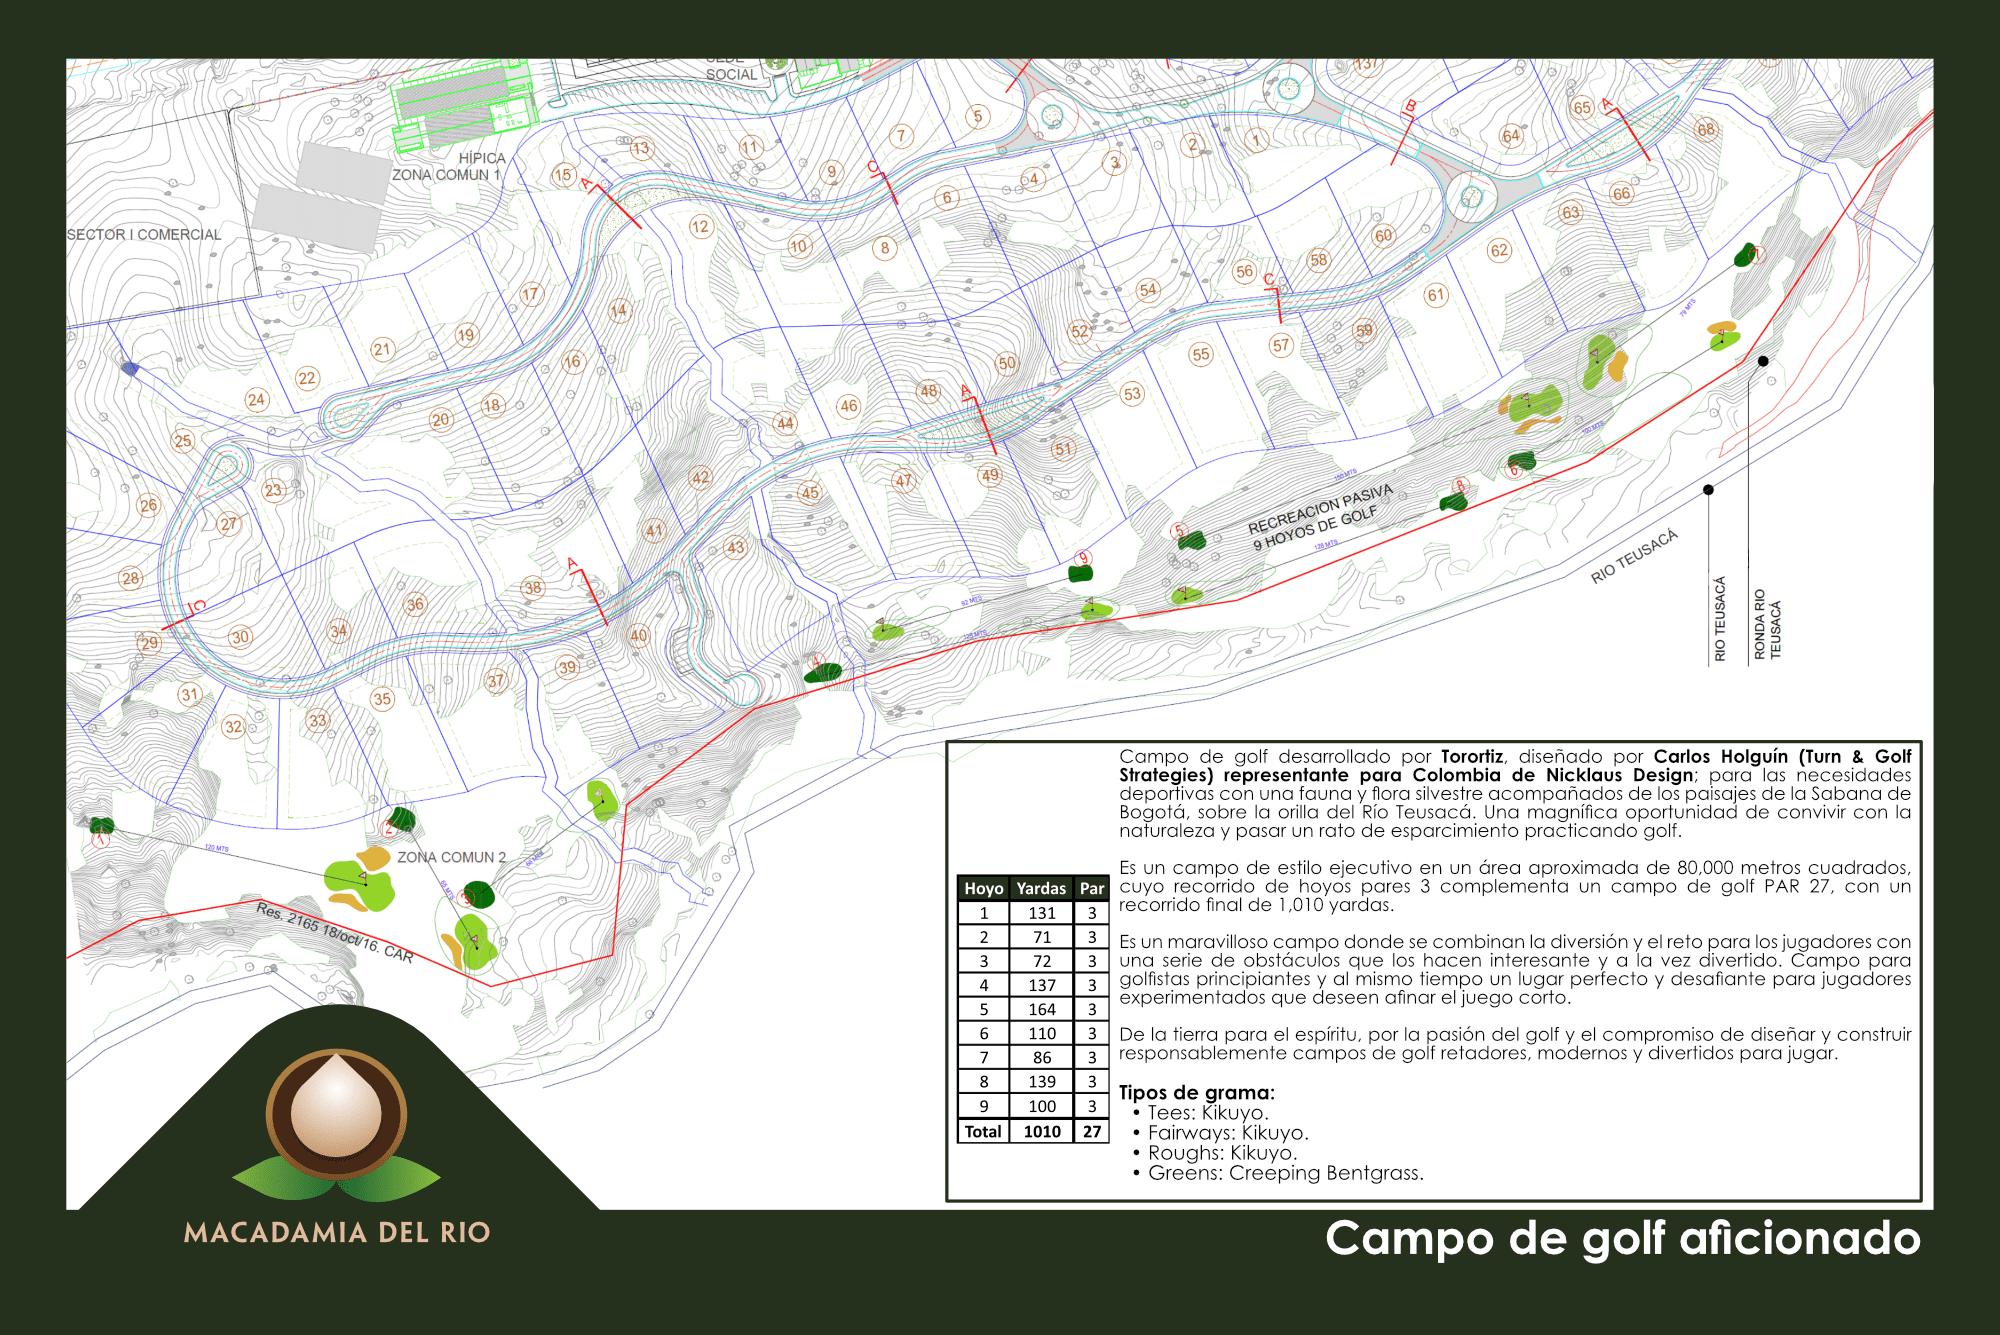 Macadamia-del-rio-lotes-la-calera-venta-cundinamarca-club-golf-picadero-sopo-casas-torortiz-casas-lotes-Sede social